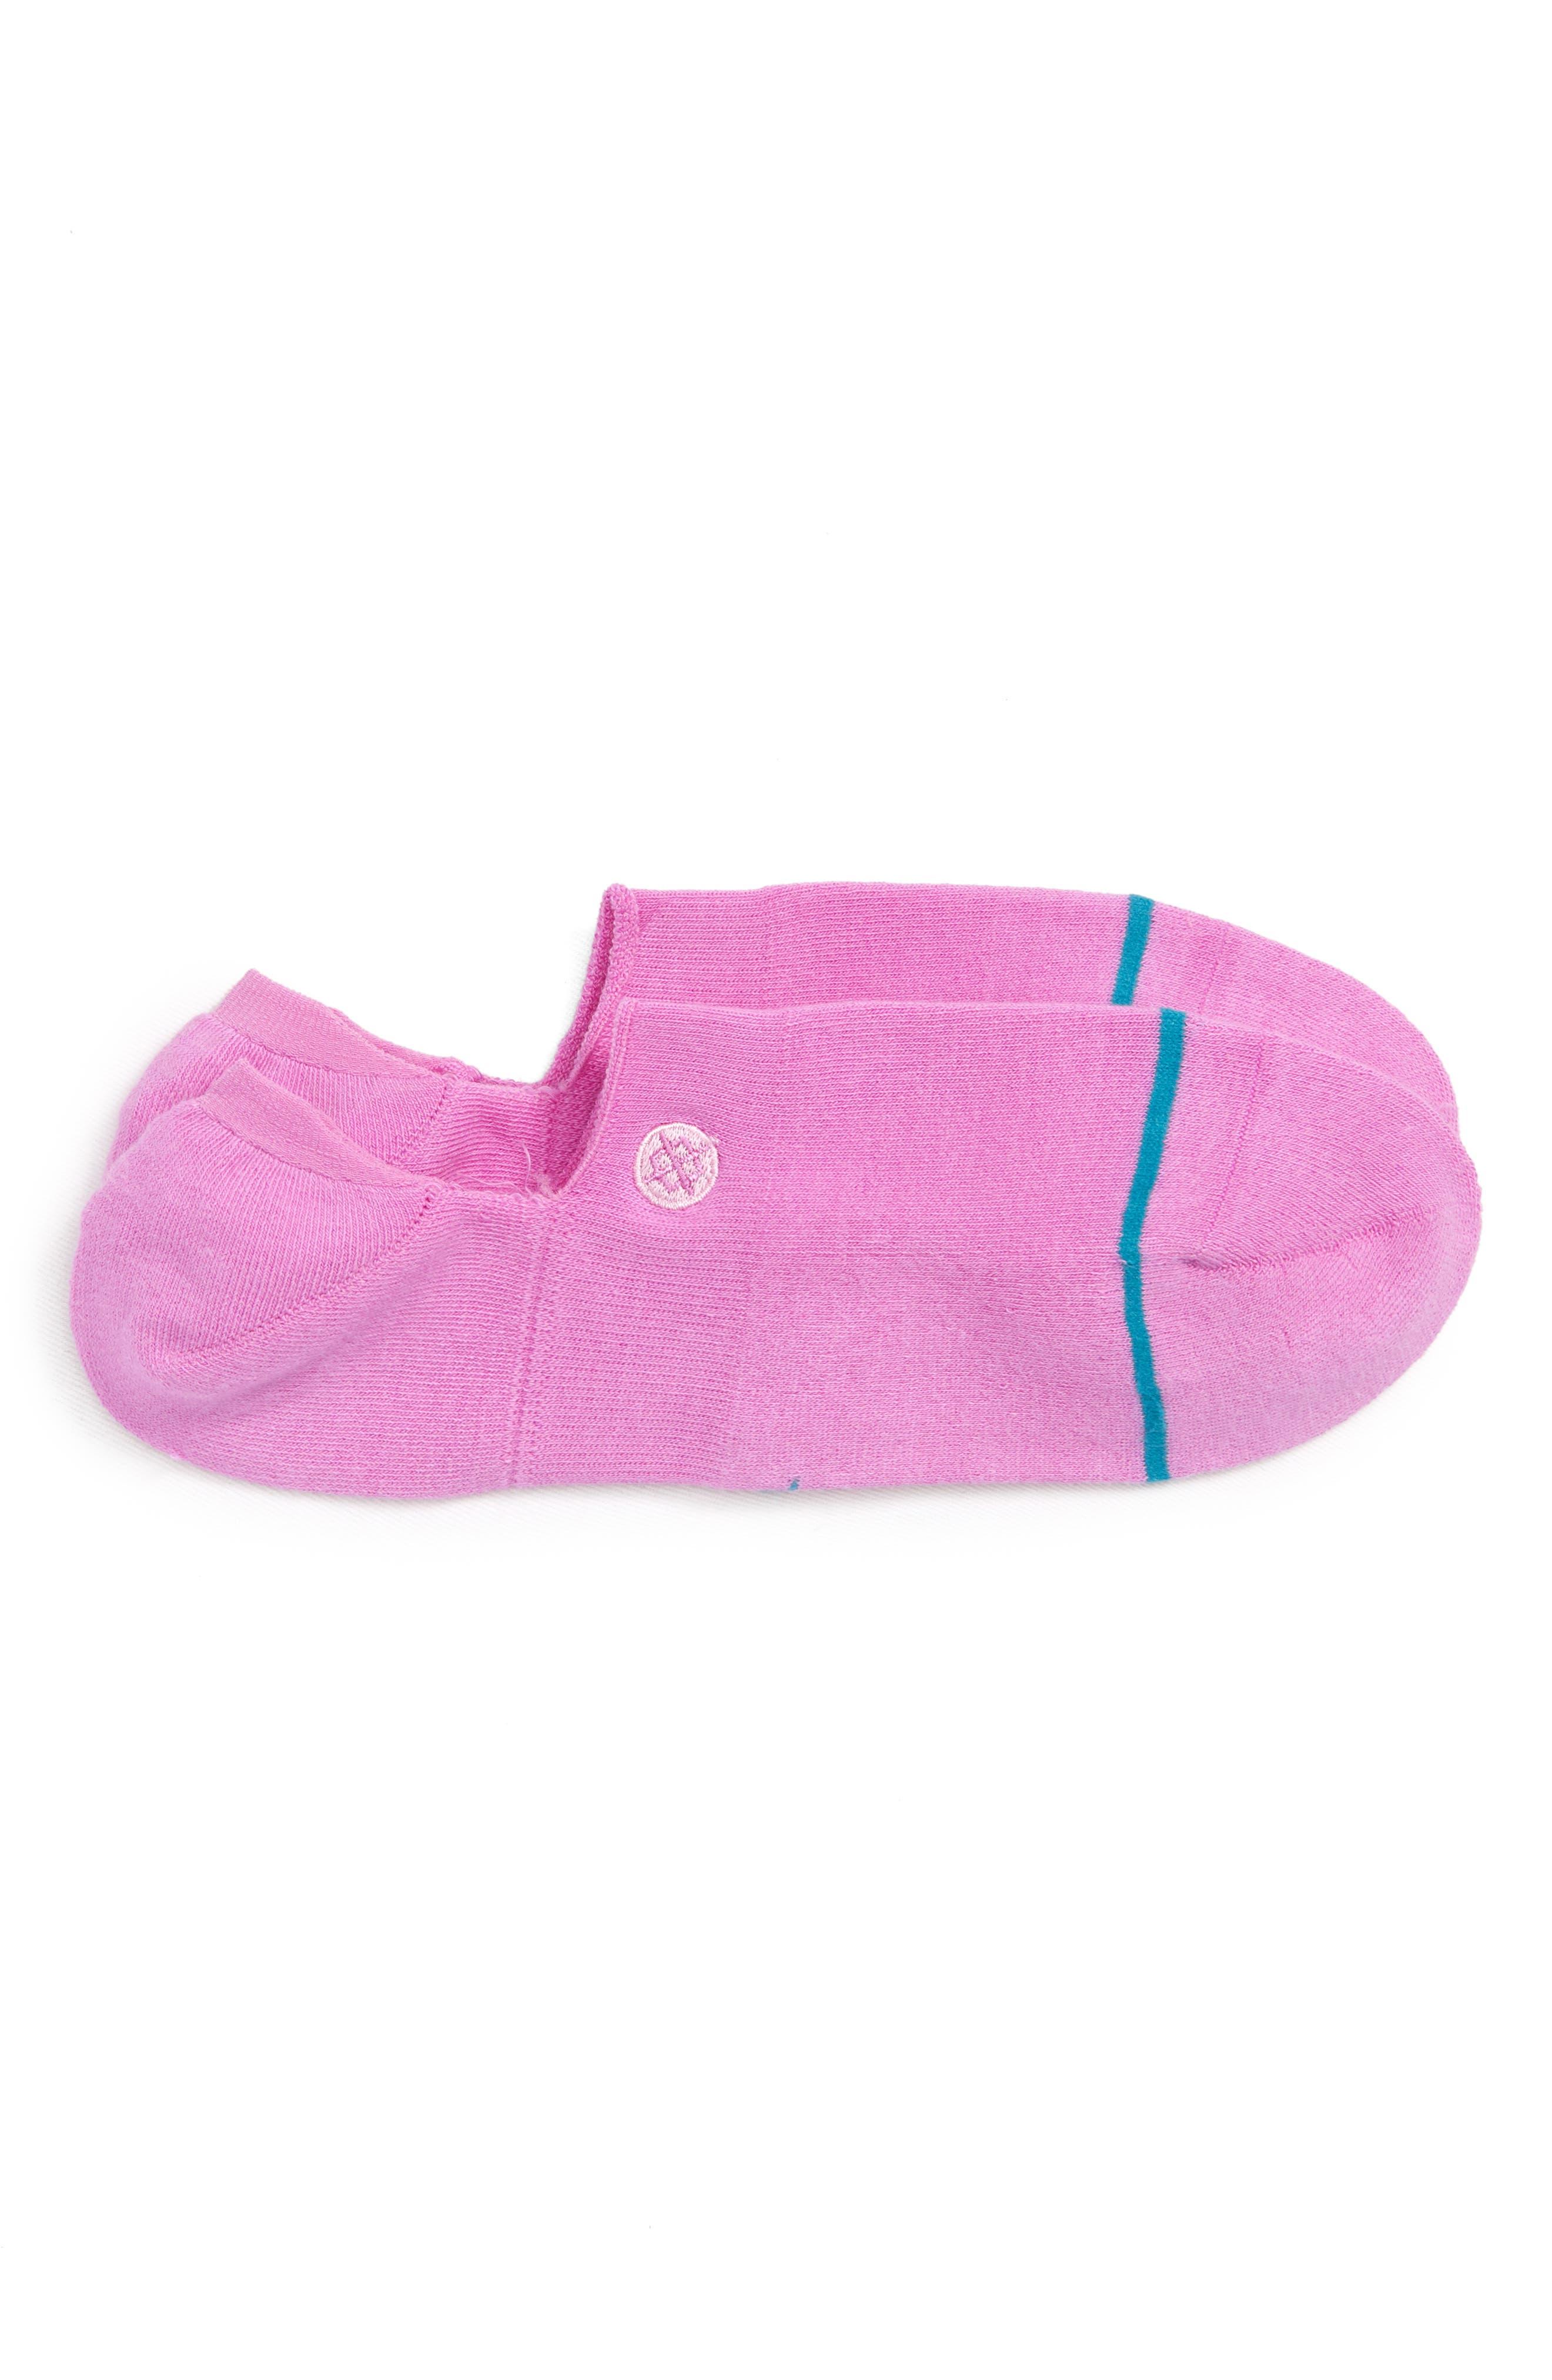 Gamut Liner Socks,                         Main,                         color, Saturated Pink